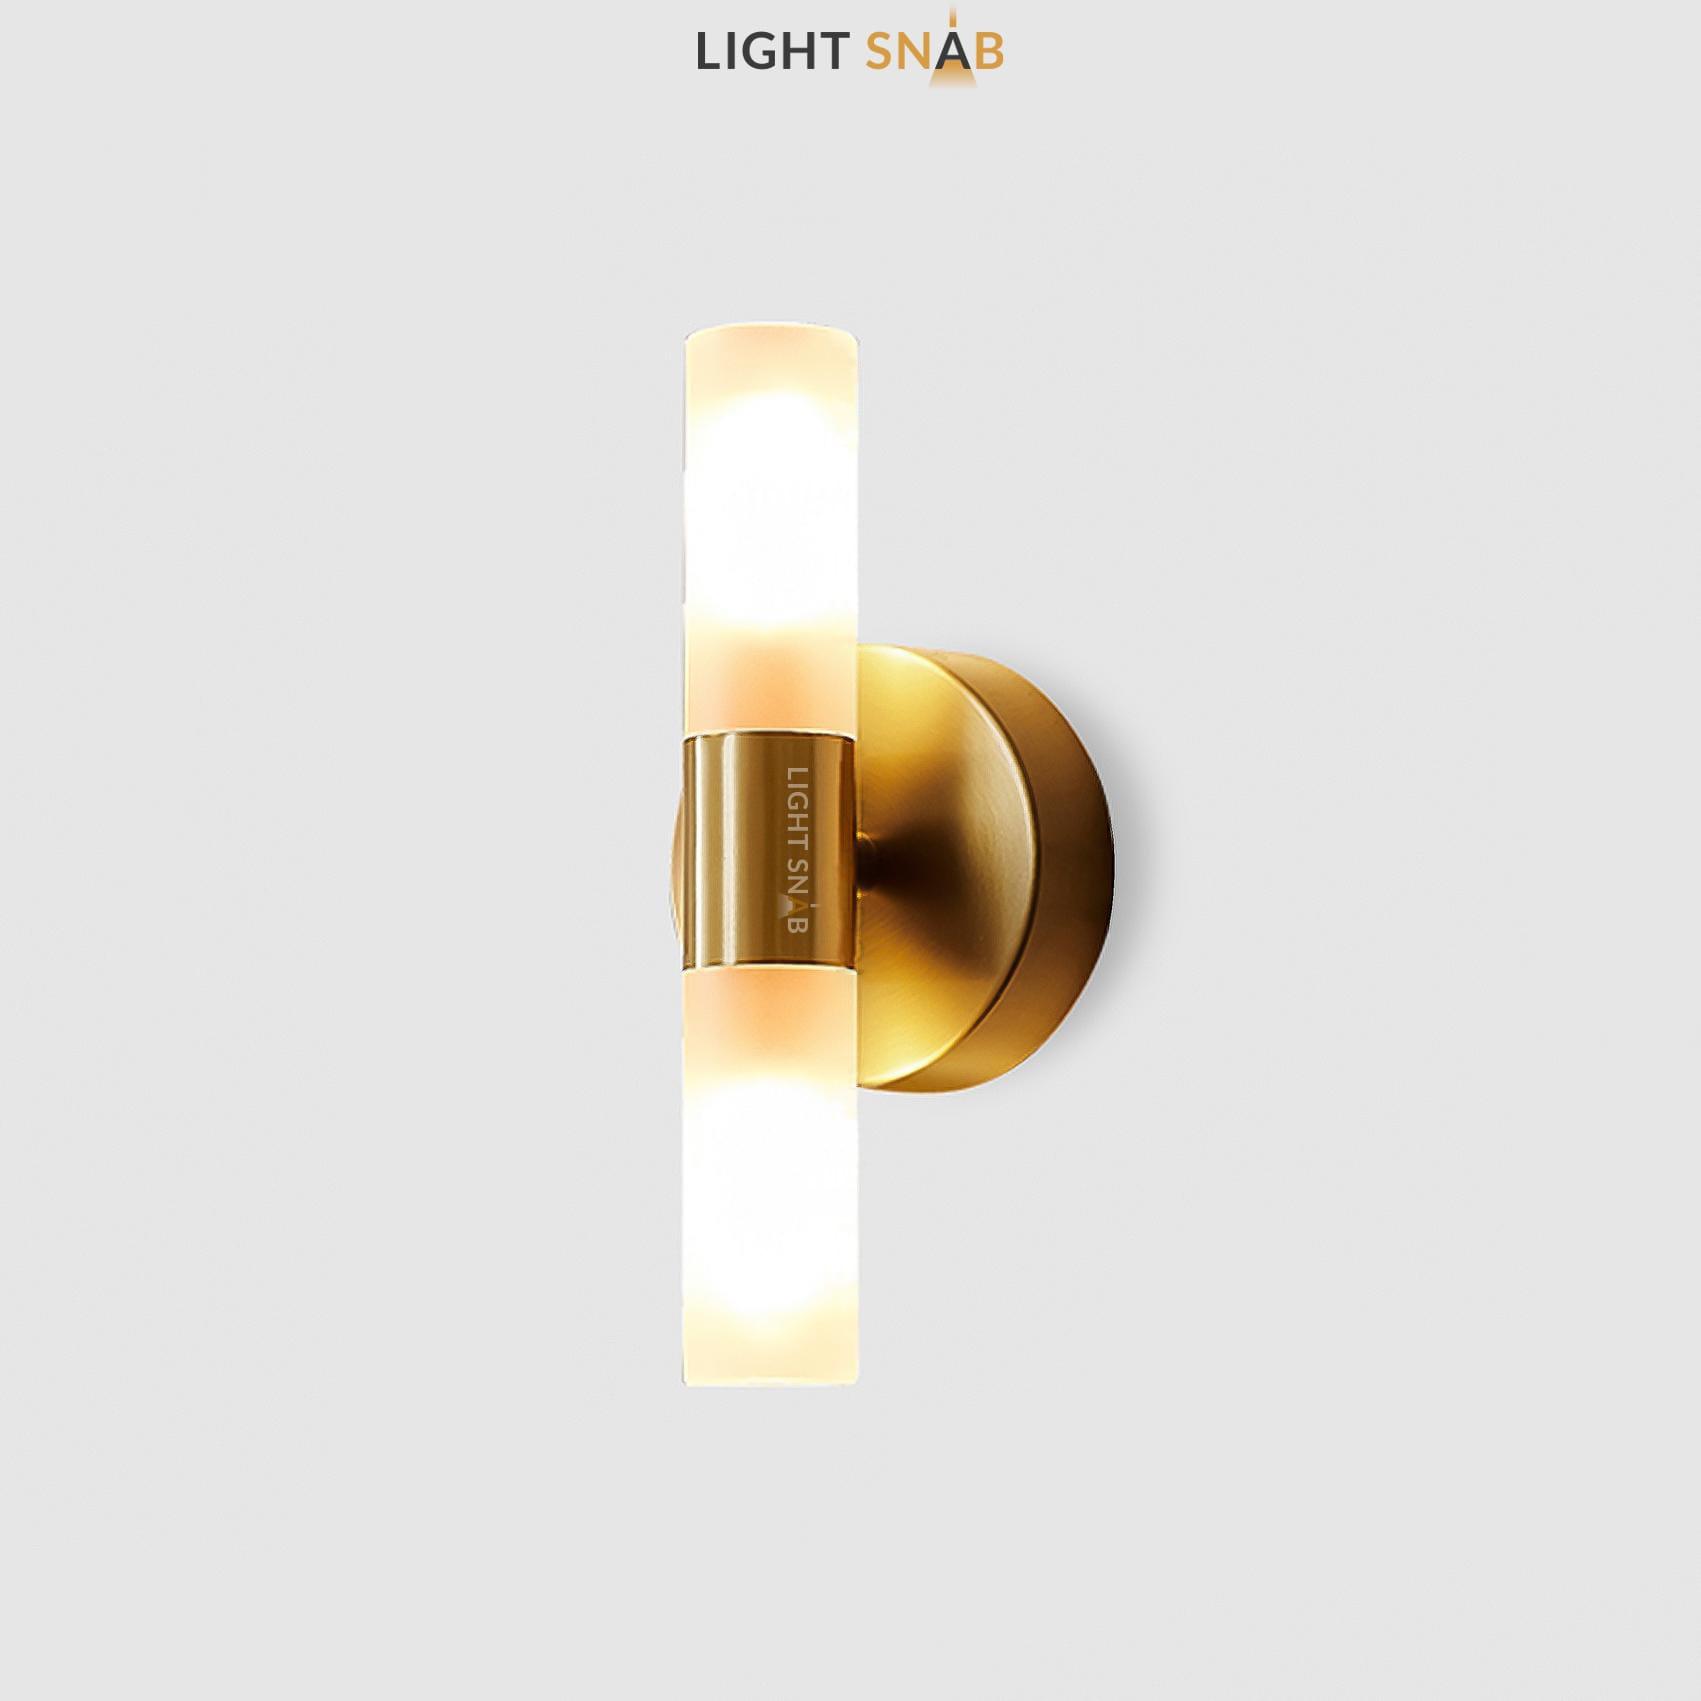 Настенный светильник Trim размер M